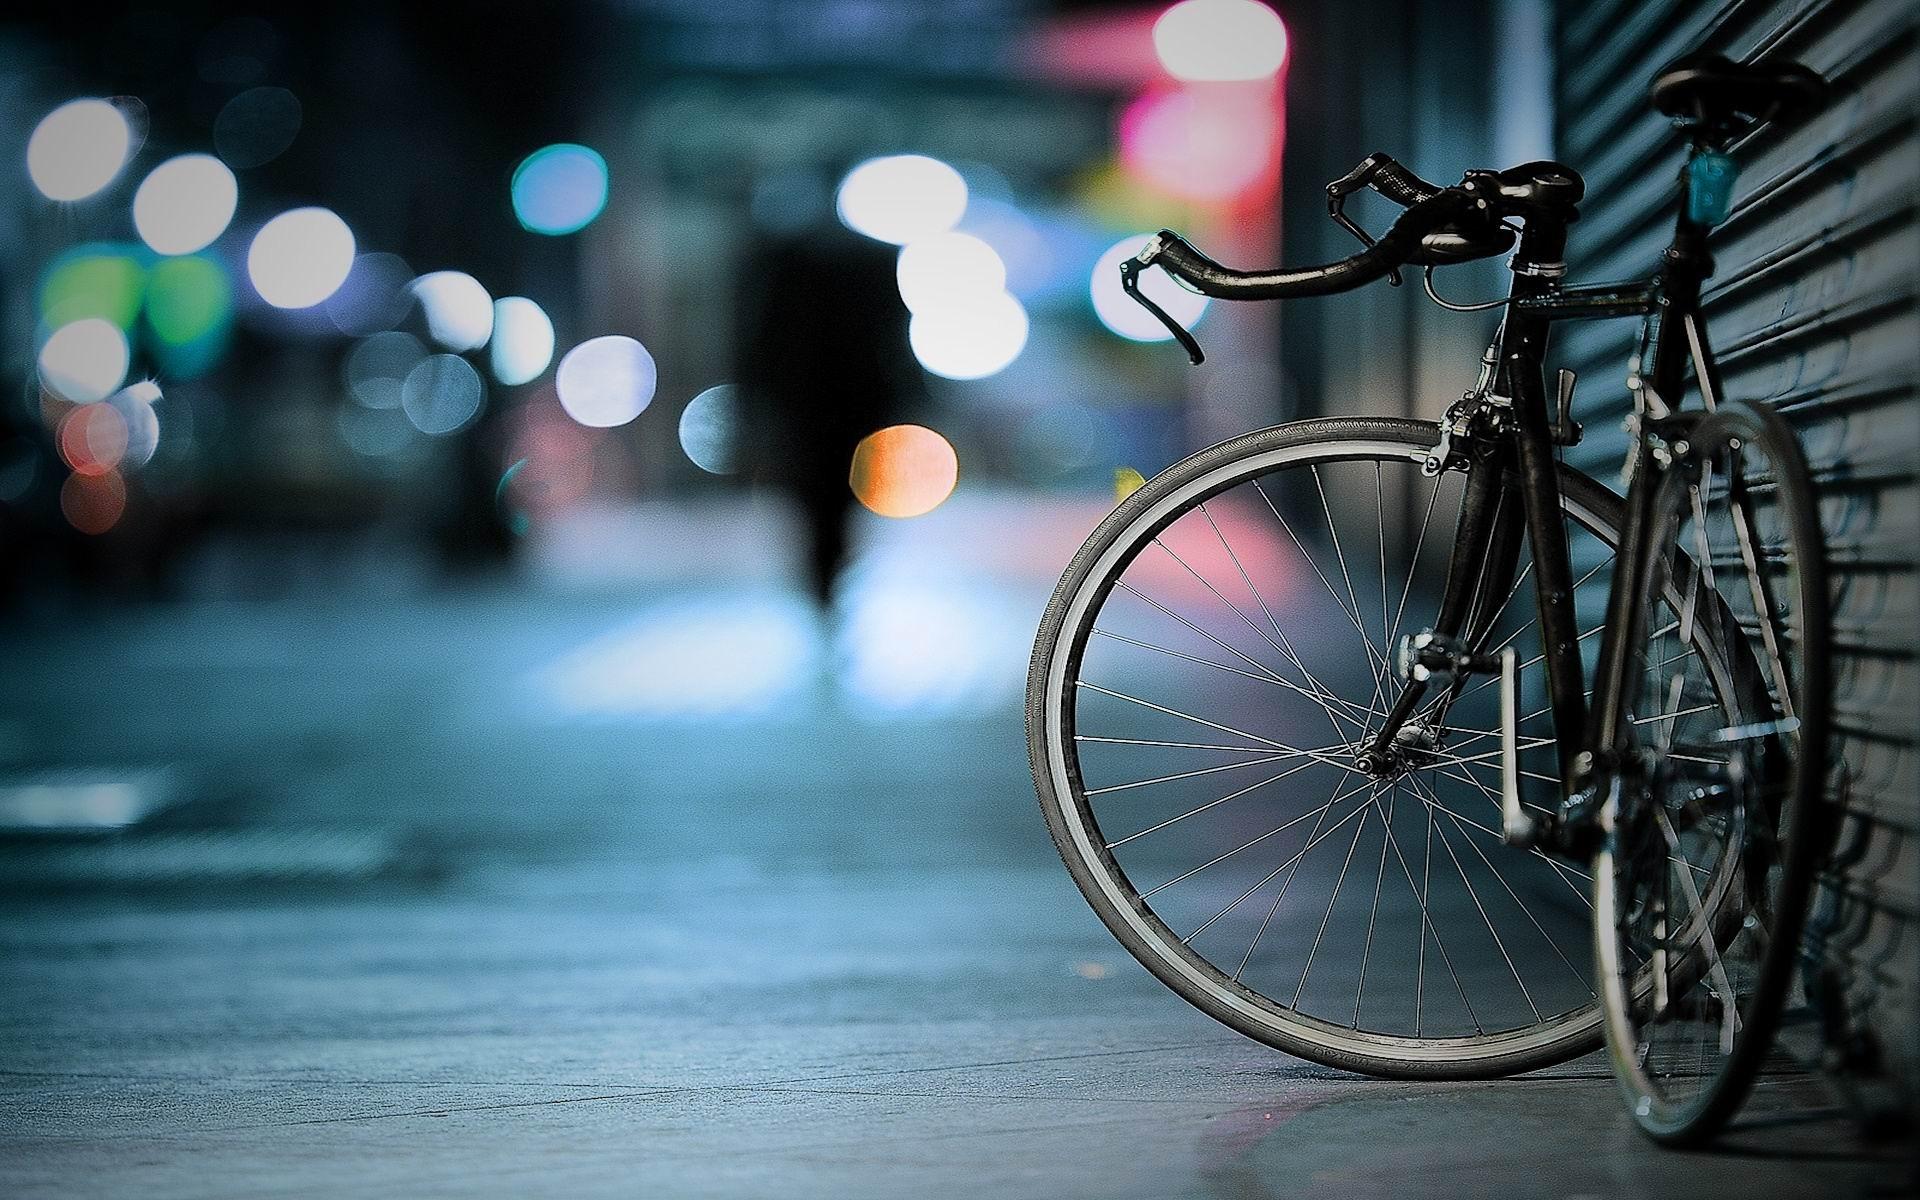 自転車 高品質デスクトップ壁紙プレビュー 10wallpaper Com